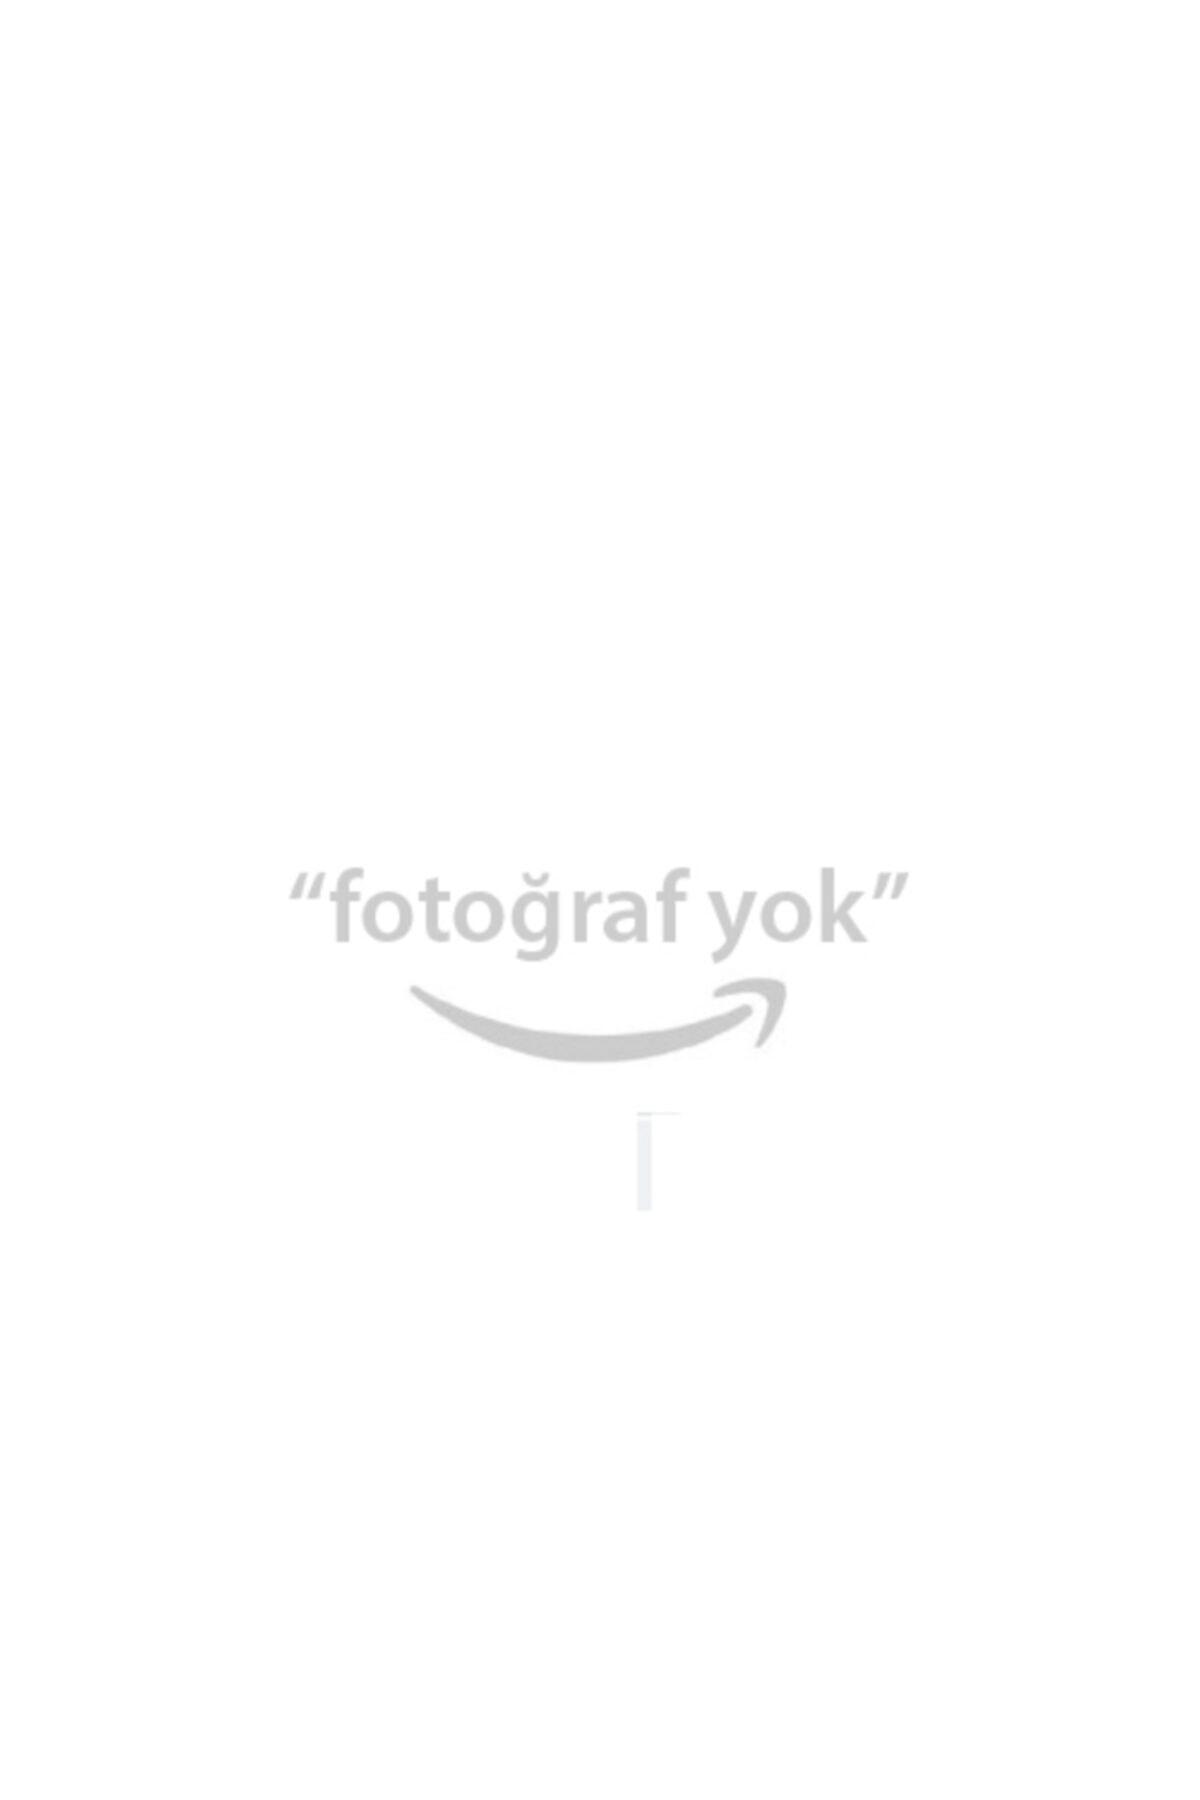 YENMAK Segman Std (Ford: Connect 1.8 Tdci 75-90 Ps 82.50 Mm) - Yen-9964-Std 1